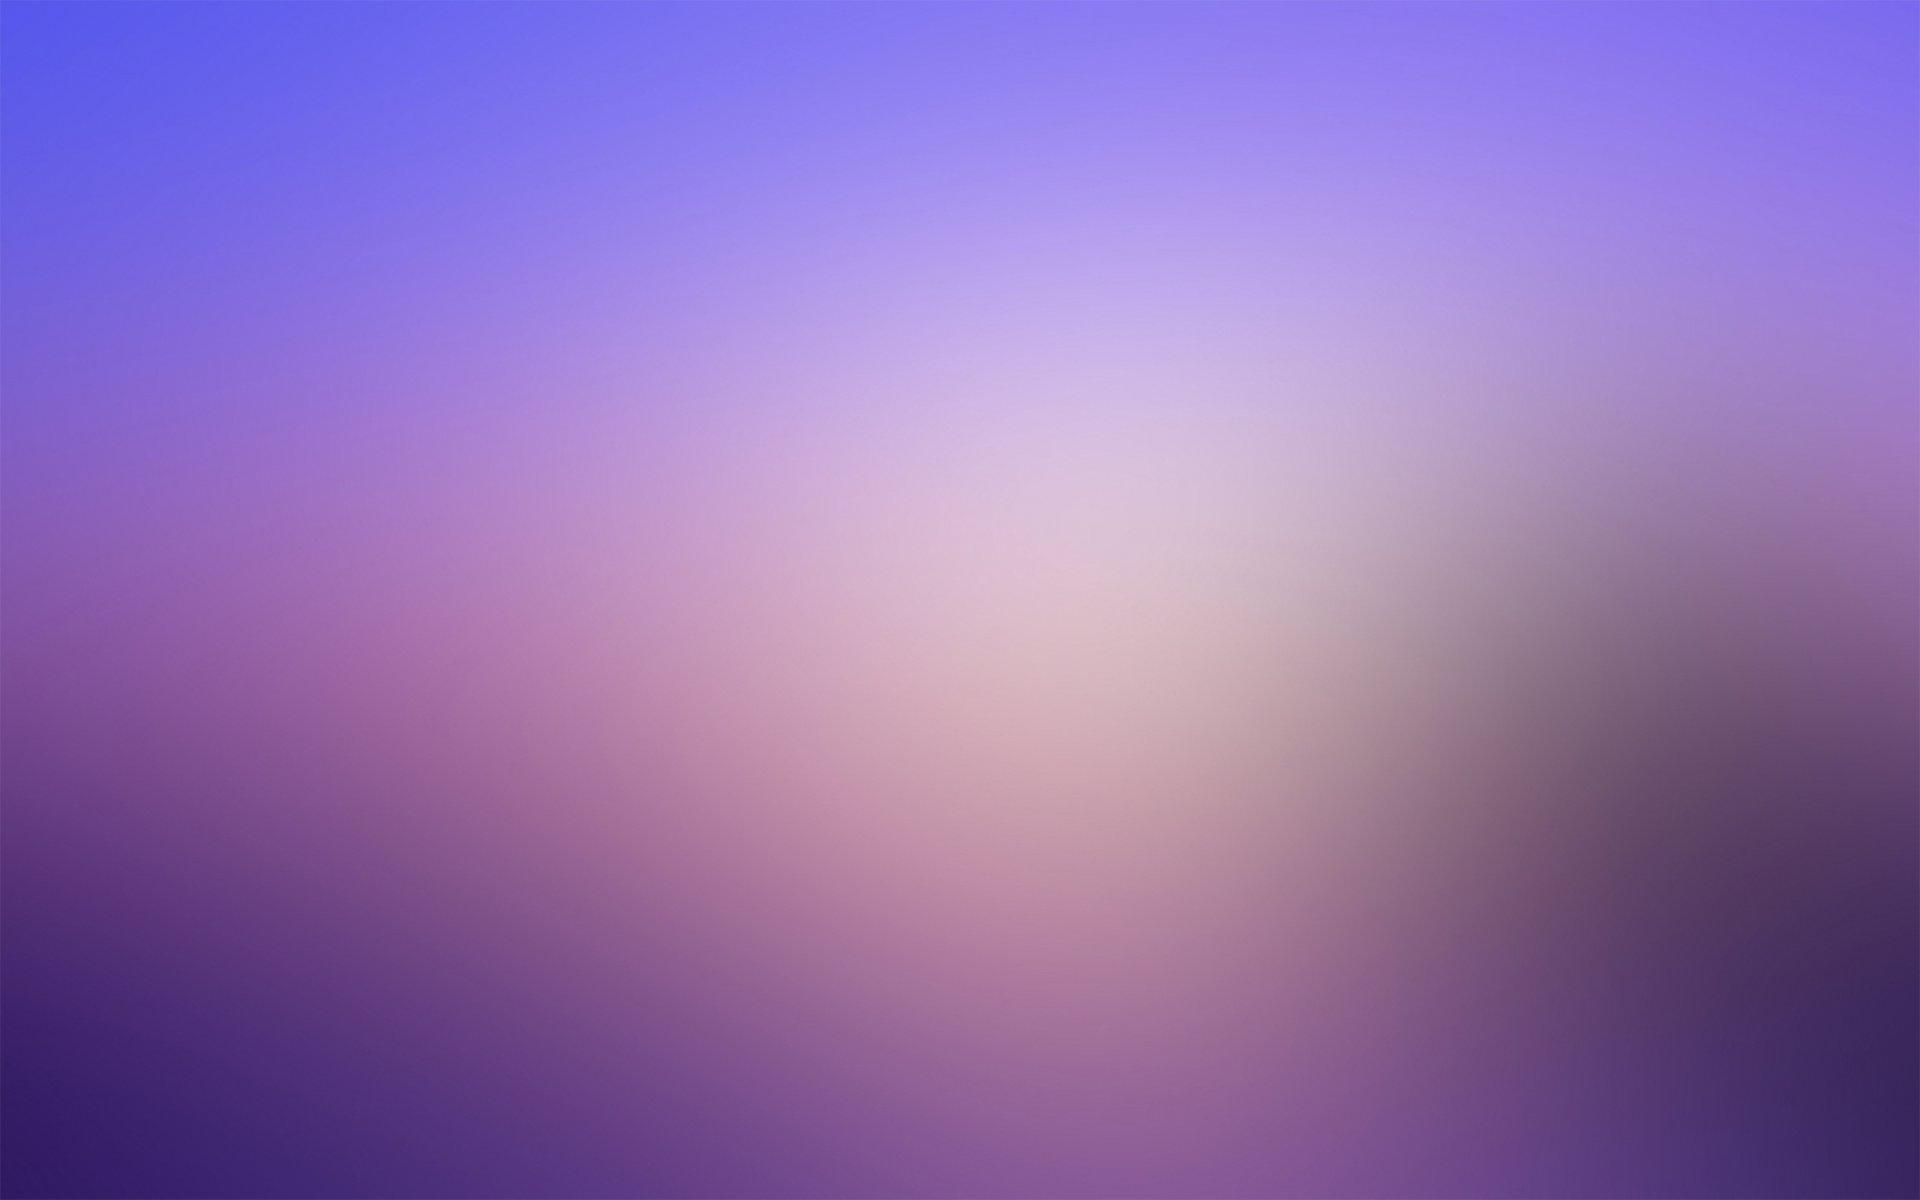 Как сделать в фотошопе мутный задний фон